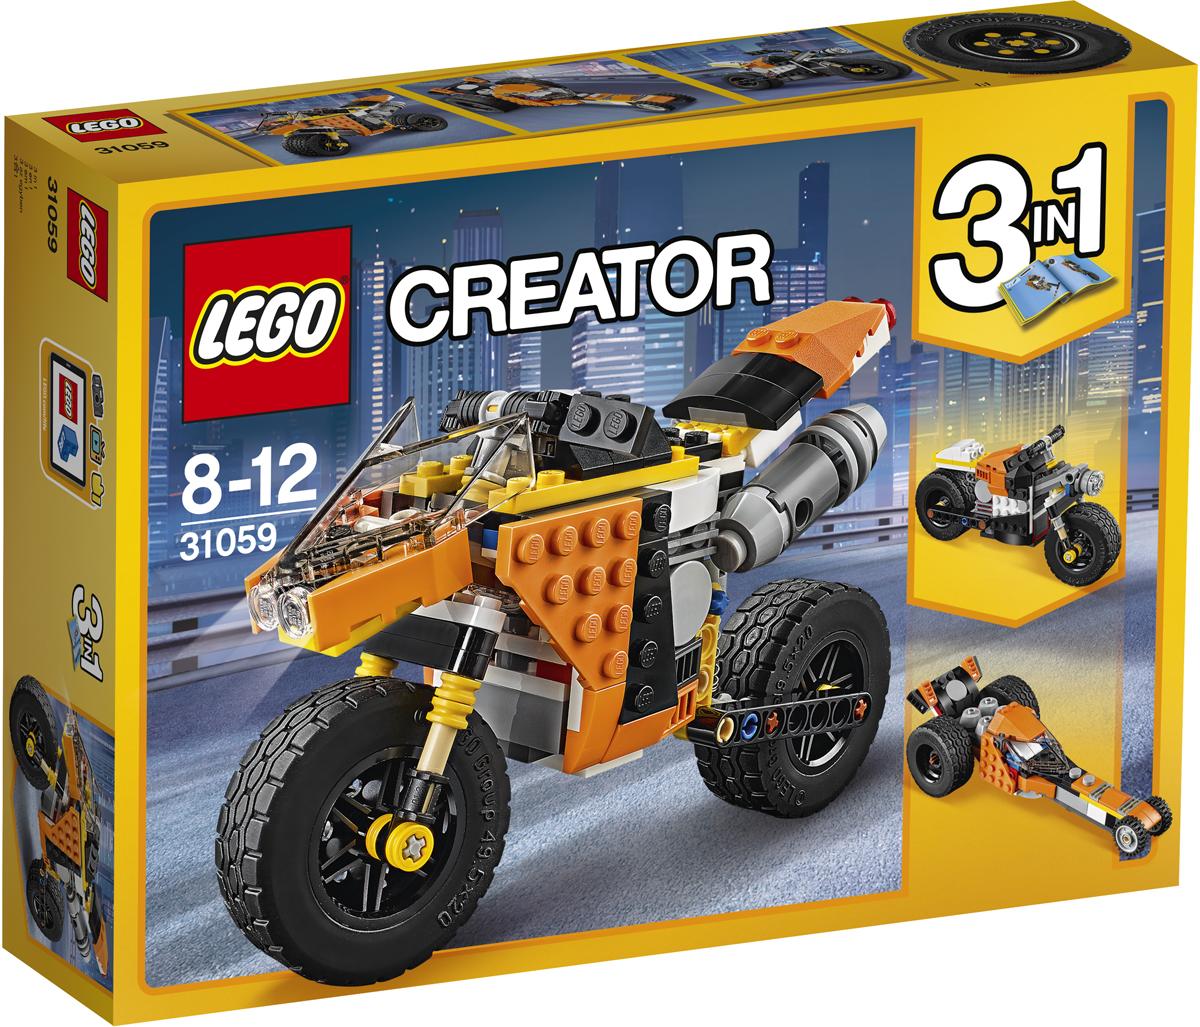 LEGO Creator Конструктор Оранжевый мотоцикл 31059 lego creator конструктор летающий робот 31034